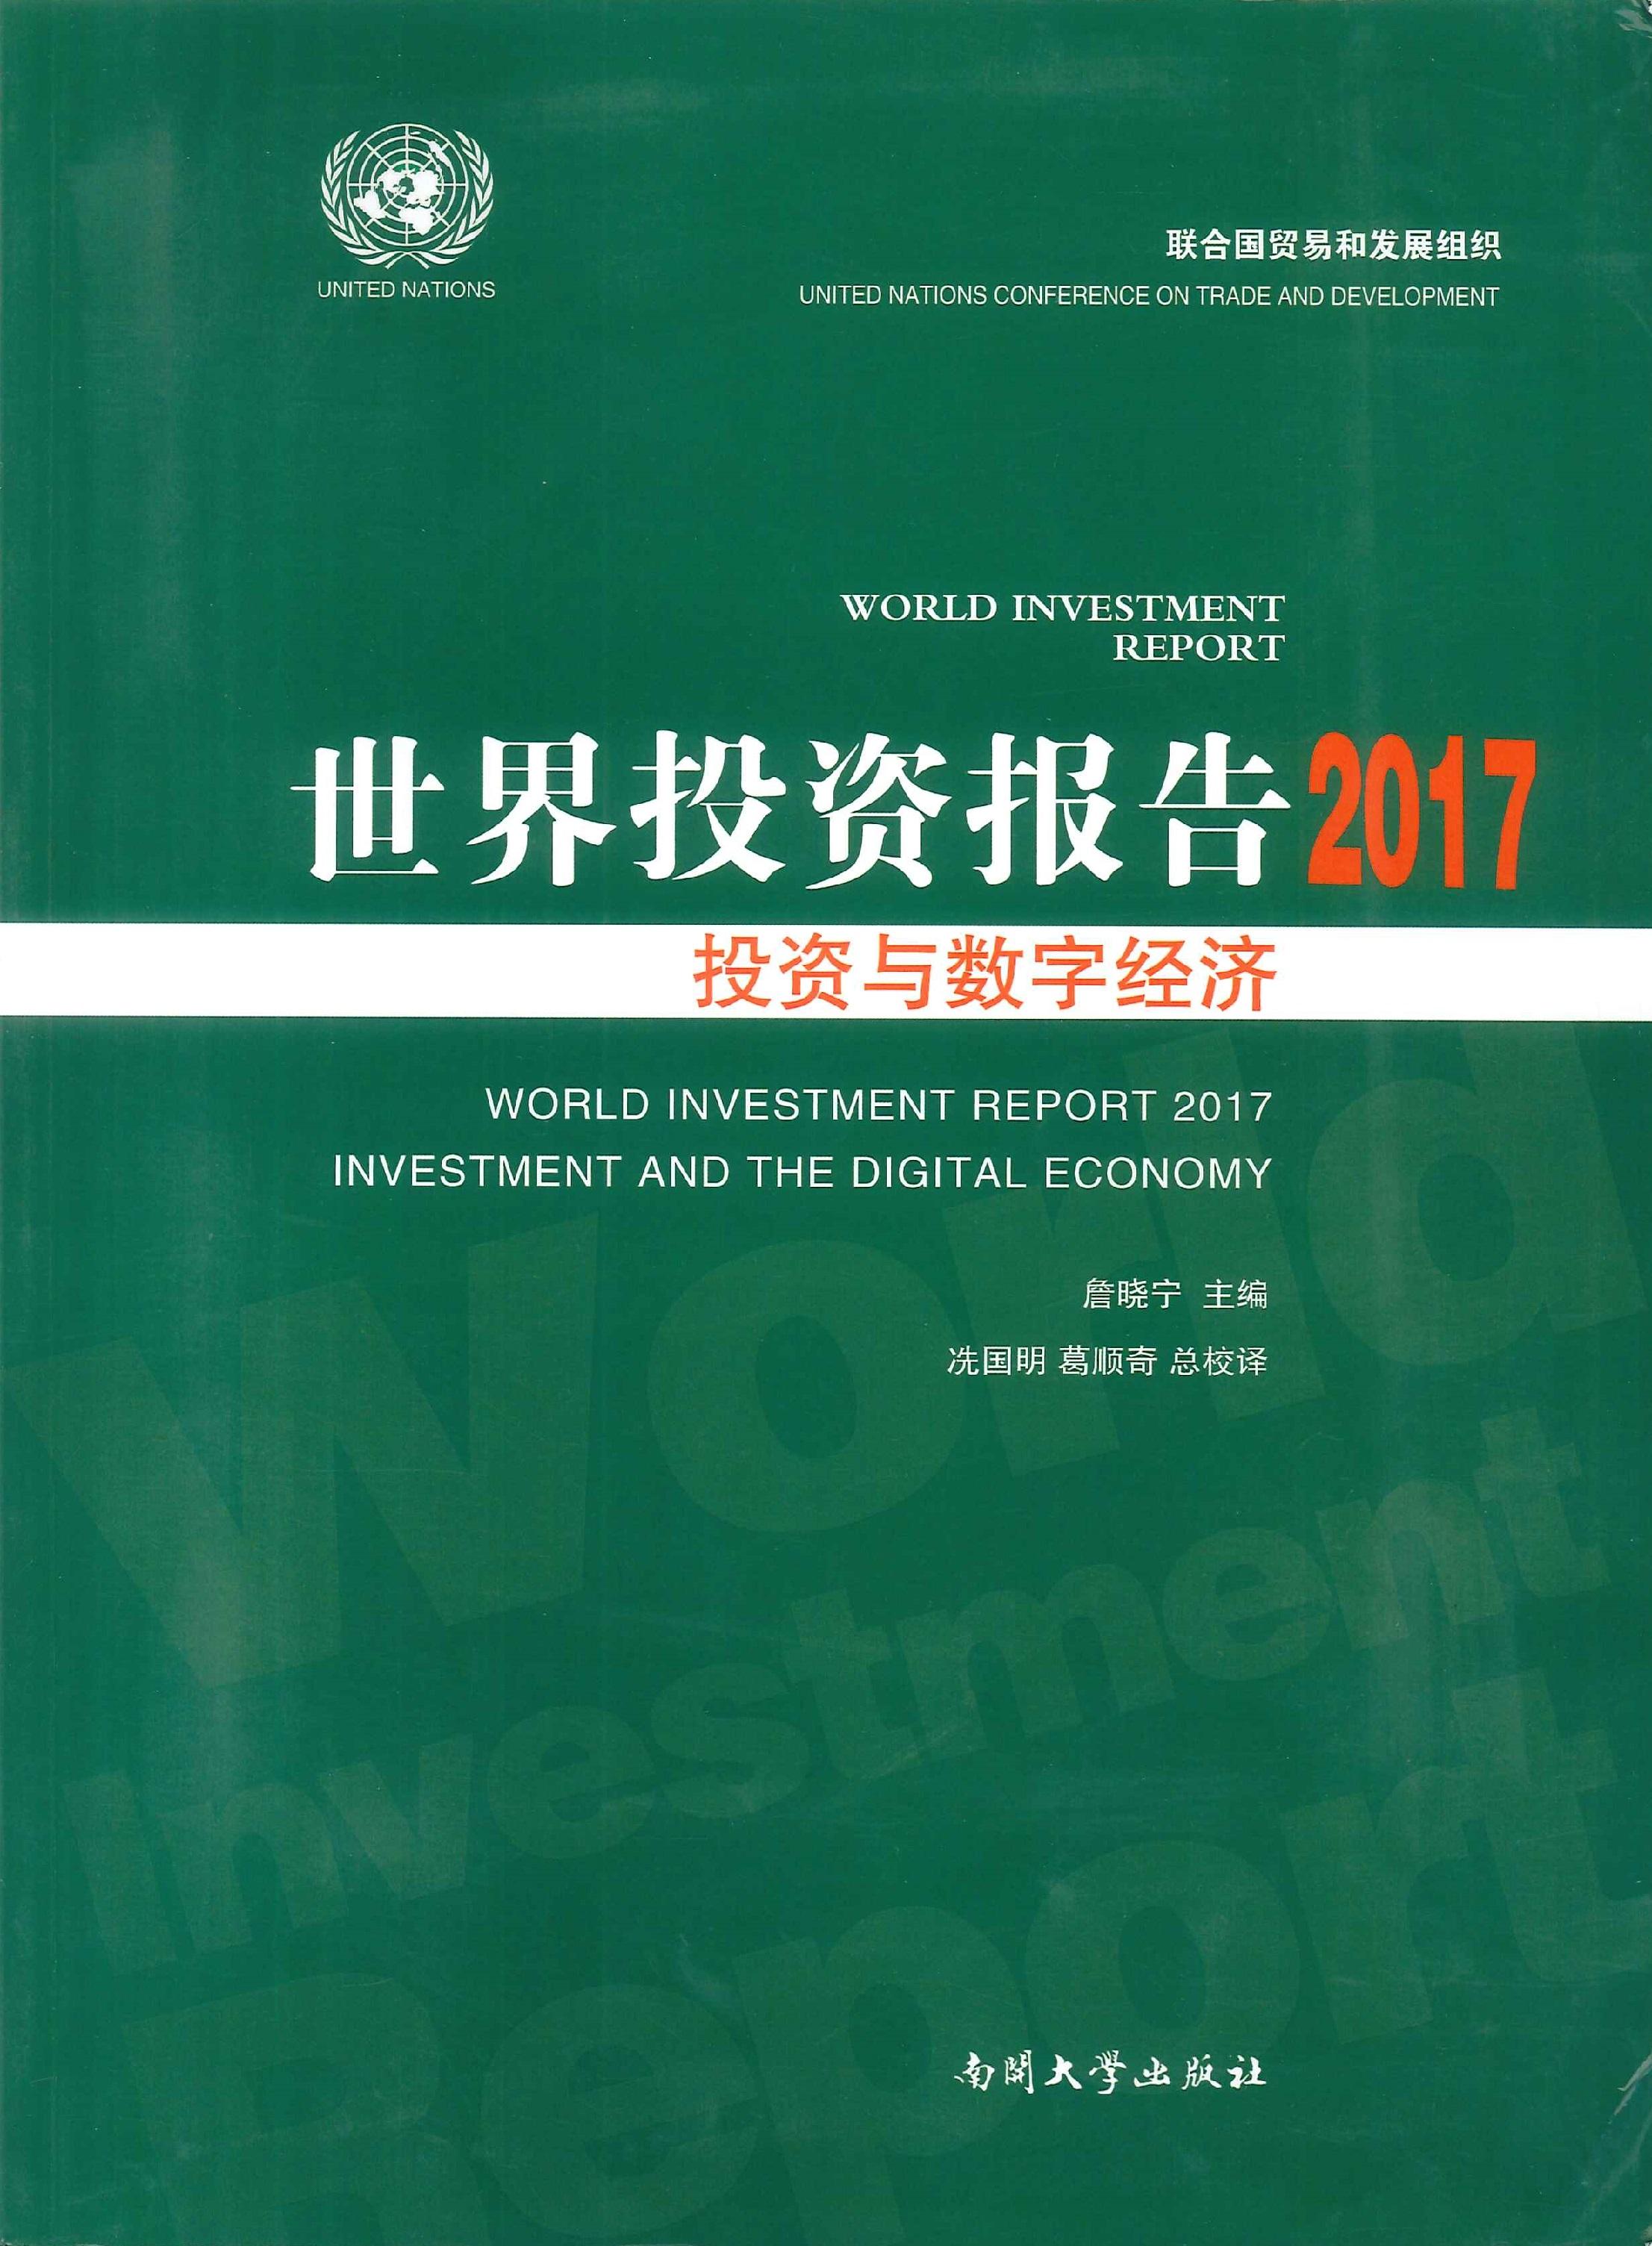 世界投资报告